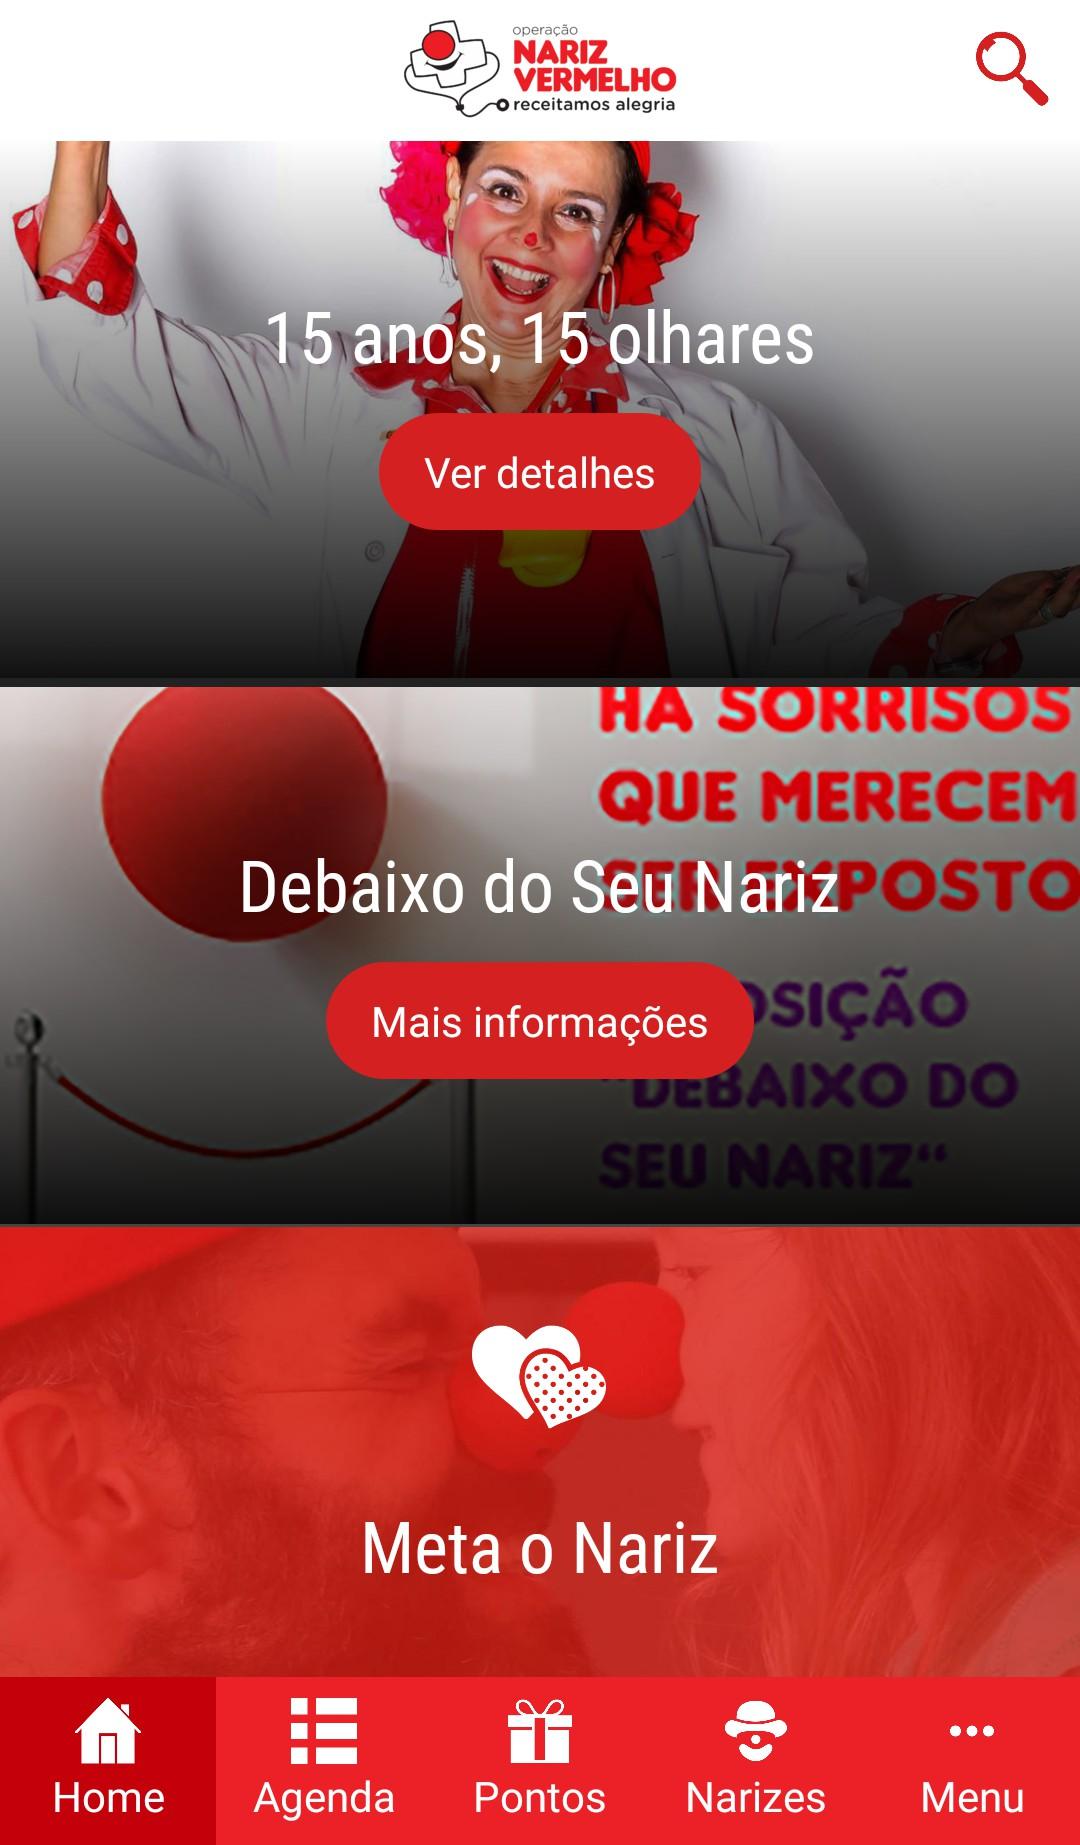 Operação Nariz Vermelho app interface